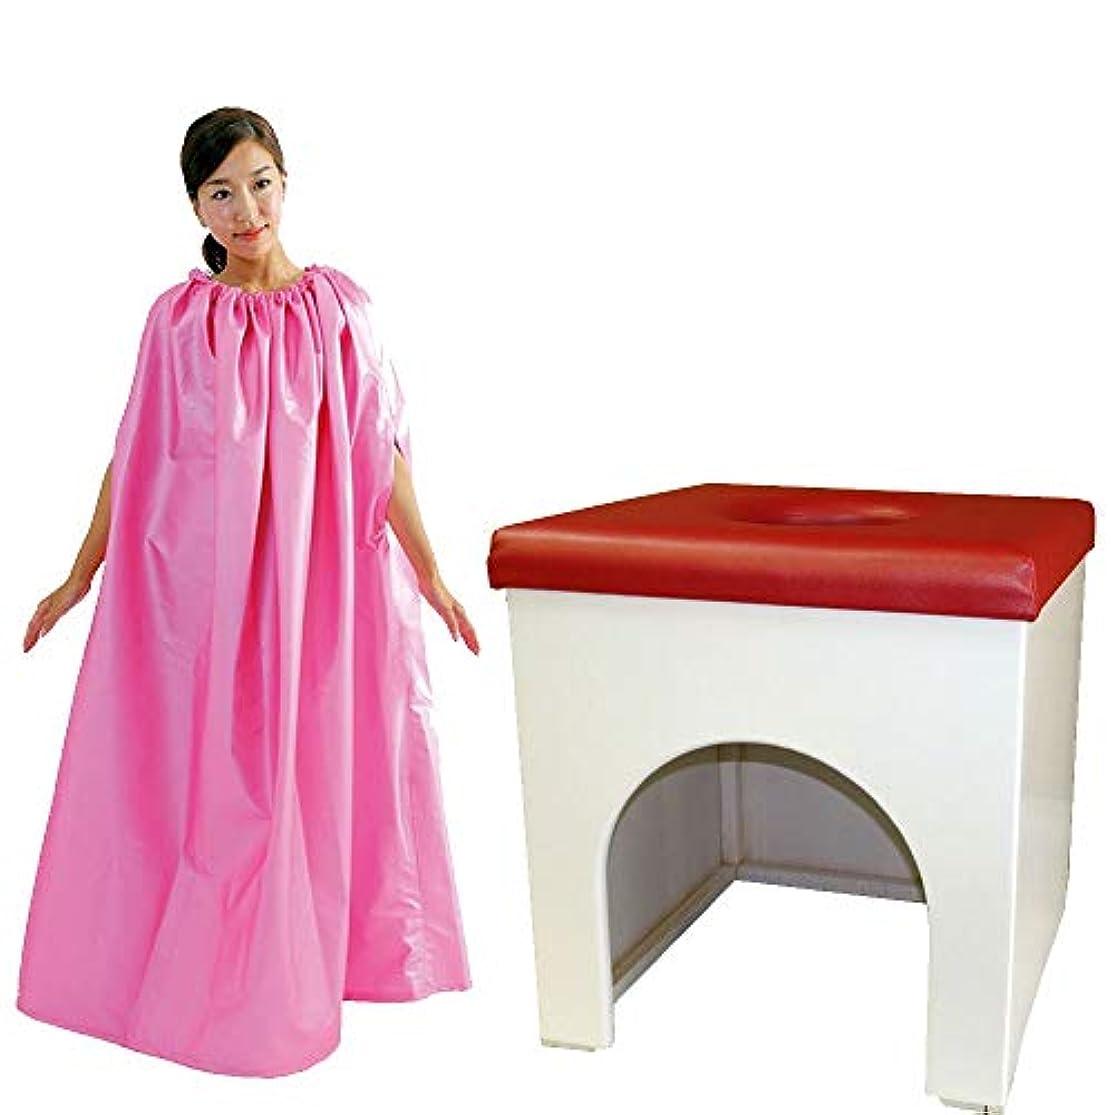 はしごポンペイ小競り合い【WR】まる温よもぎ蒸し【白椅子(ワインレッドシート)セット】専用マント?薬草60回分?電気鍋【期待通りの満足感をお届けします!】/爽やかなホワイトカラーで、人体に無害な塗装仕上げで通常の椅子より長持ちします! (ピンク)